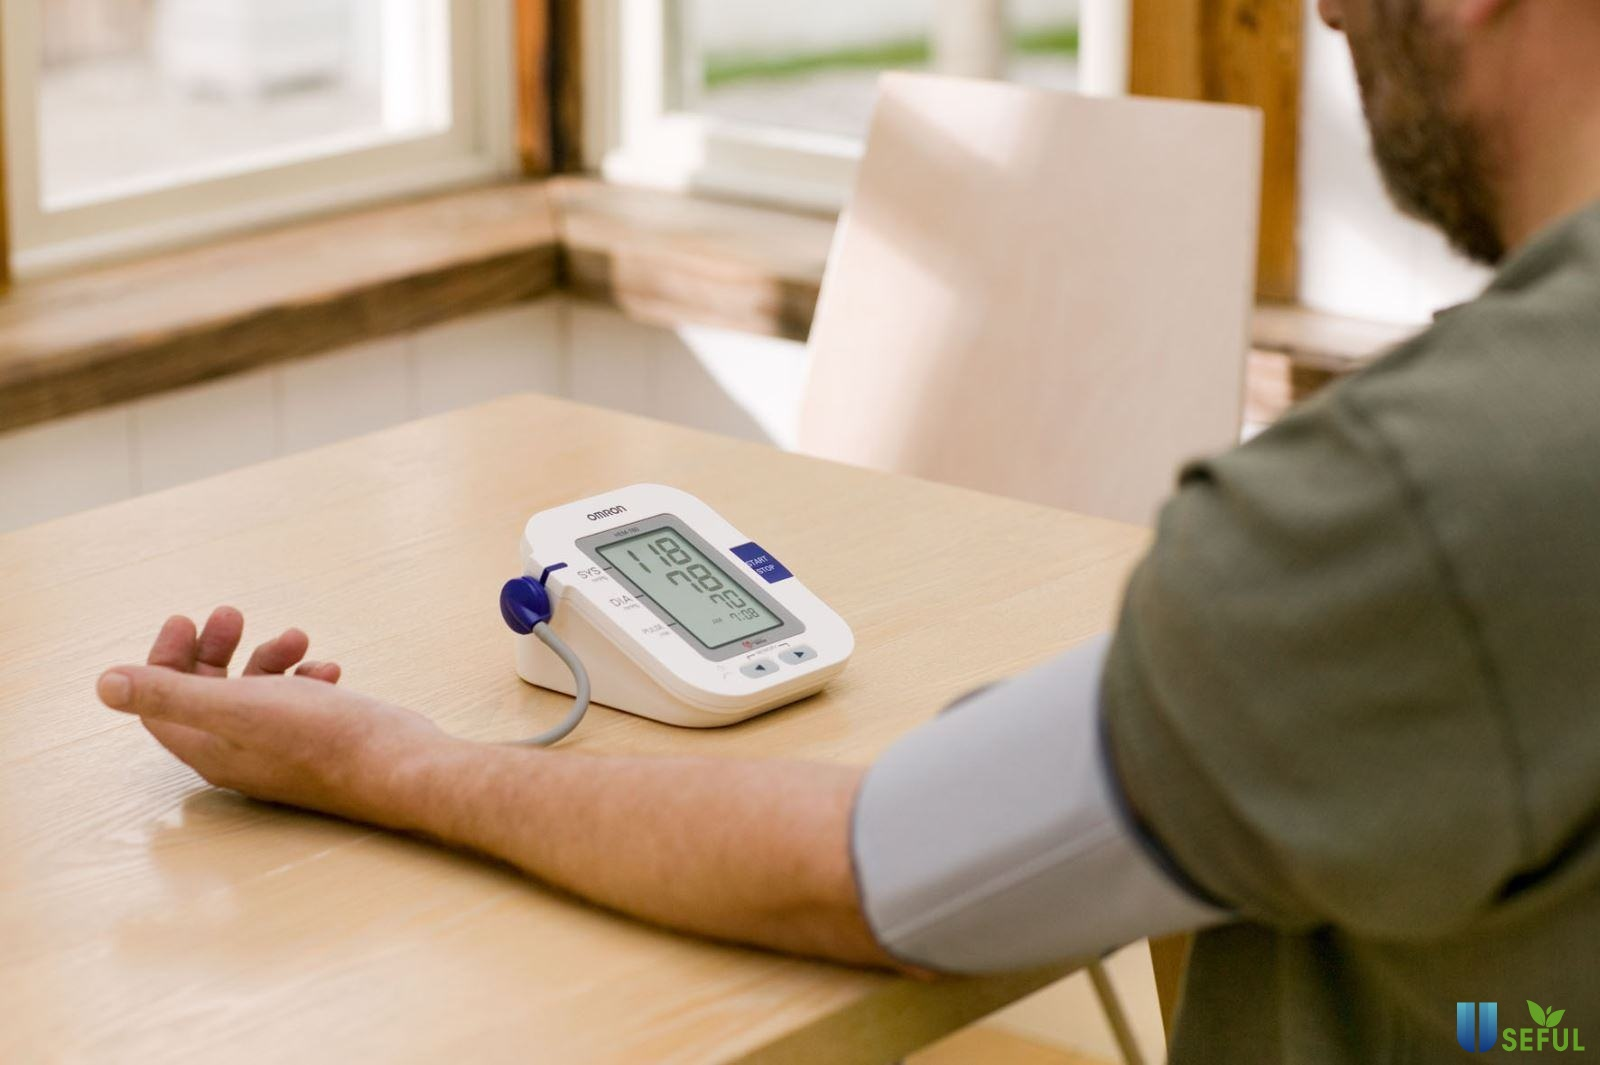 Để đánh giá máy đo điện tử liệu có chính xác không thì còn phụ thuộc vào nhiều yếu tố